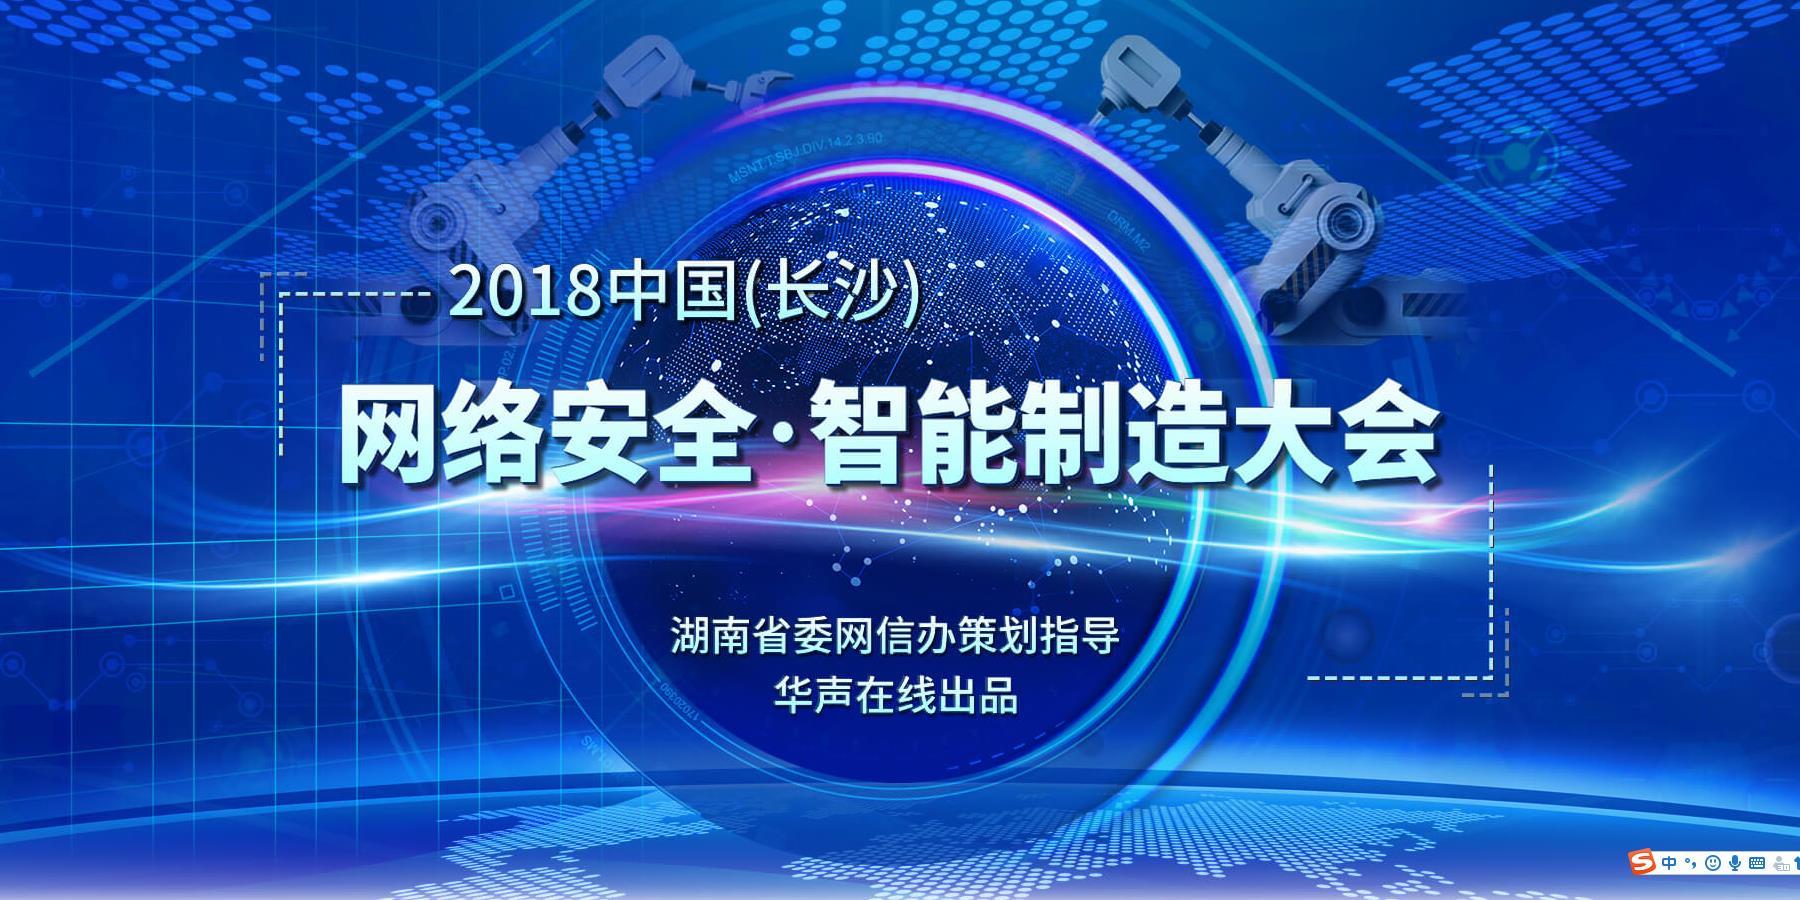 2018中国(长沙)网络安全•智能制造大会